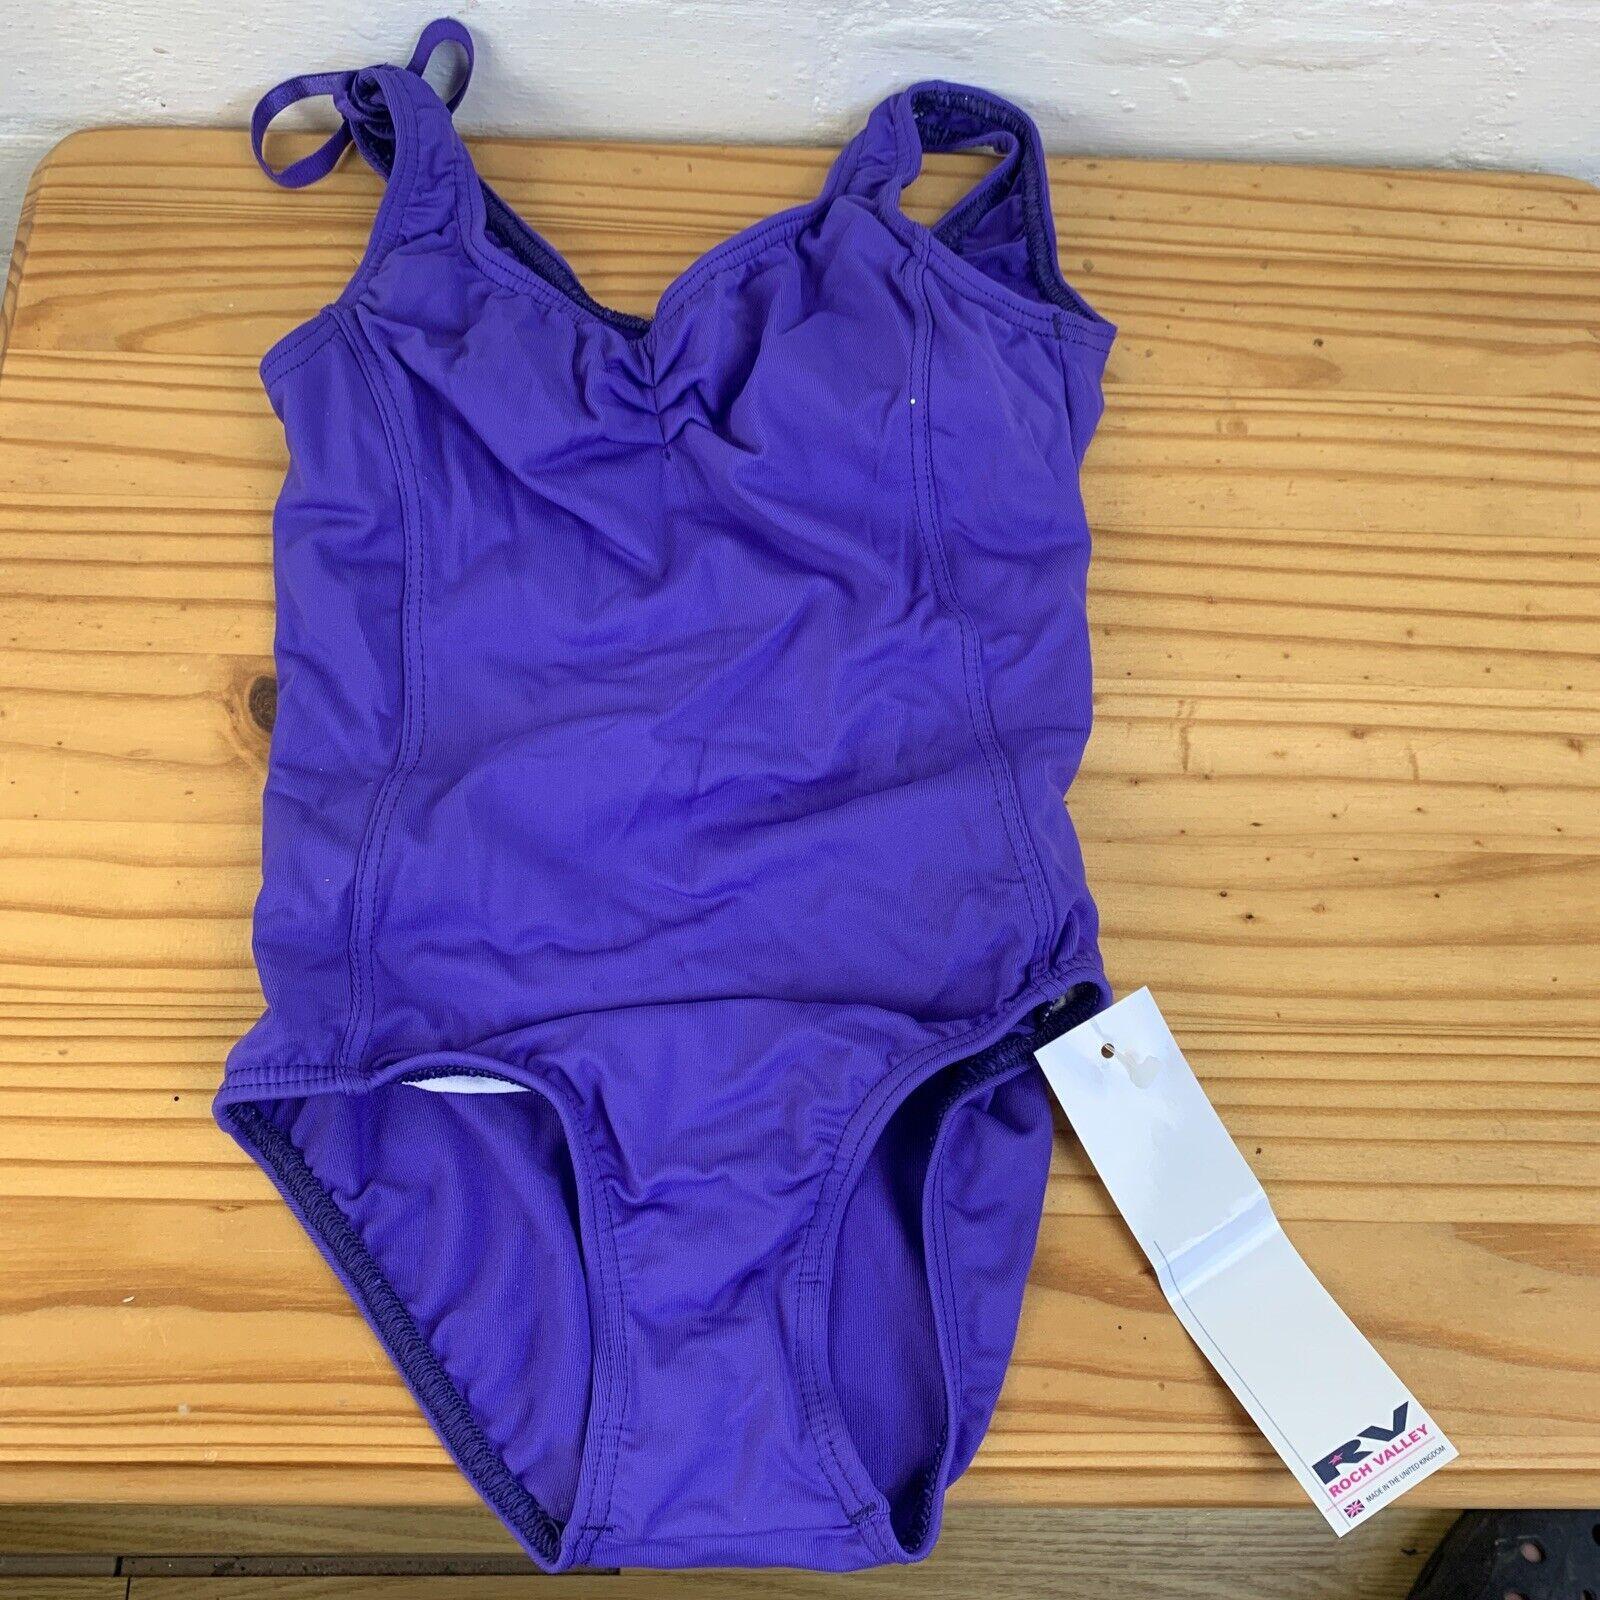 Roch Valley Girls Purple Leotard Size 2